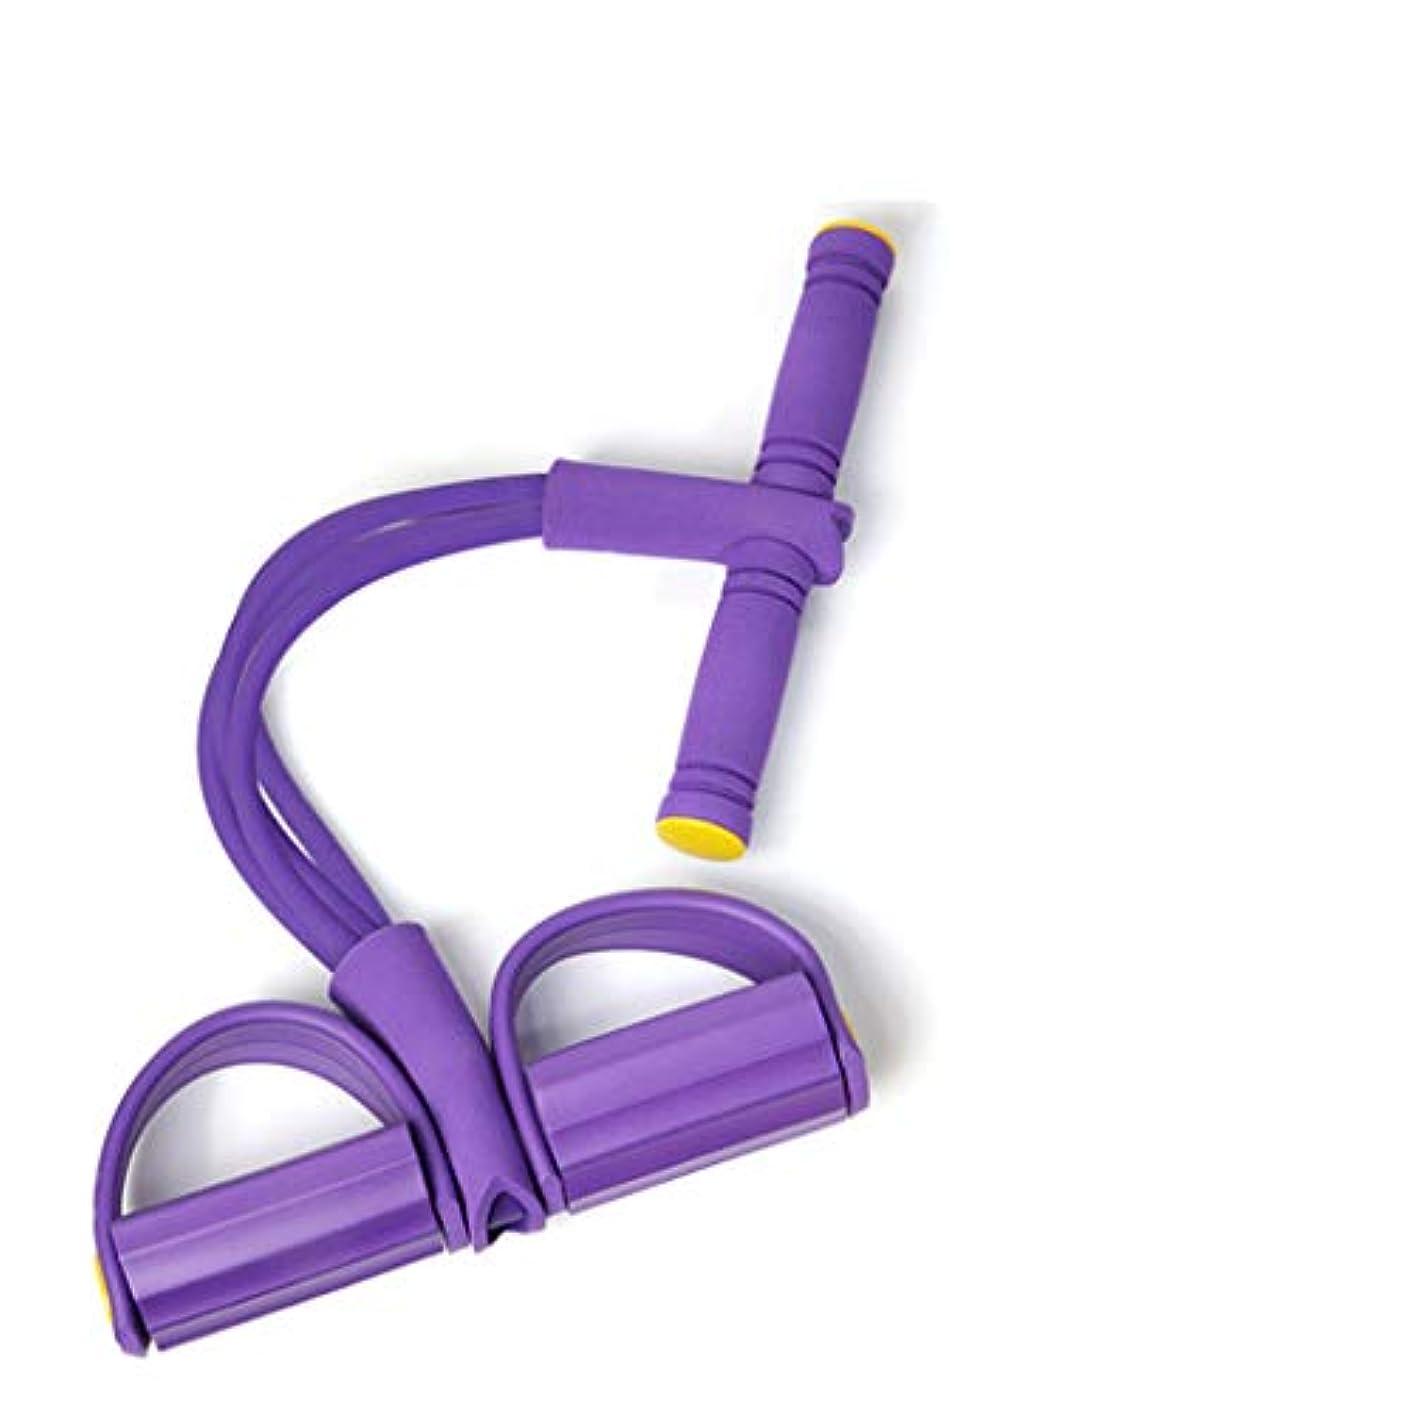 合理的制限された繰り返す抵抗バンド装置シットアッププラー、減量ウエスト腹部ヨガトレーニング整形練習腕/脚/肩/腹部オフィスエクササイズ,Purple